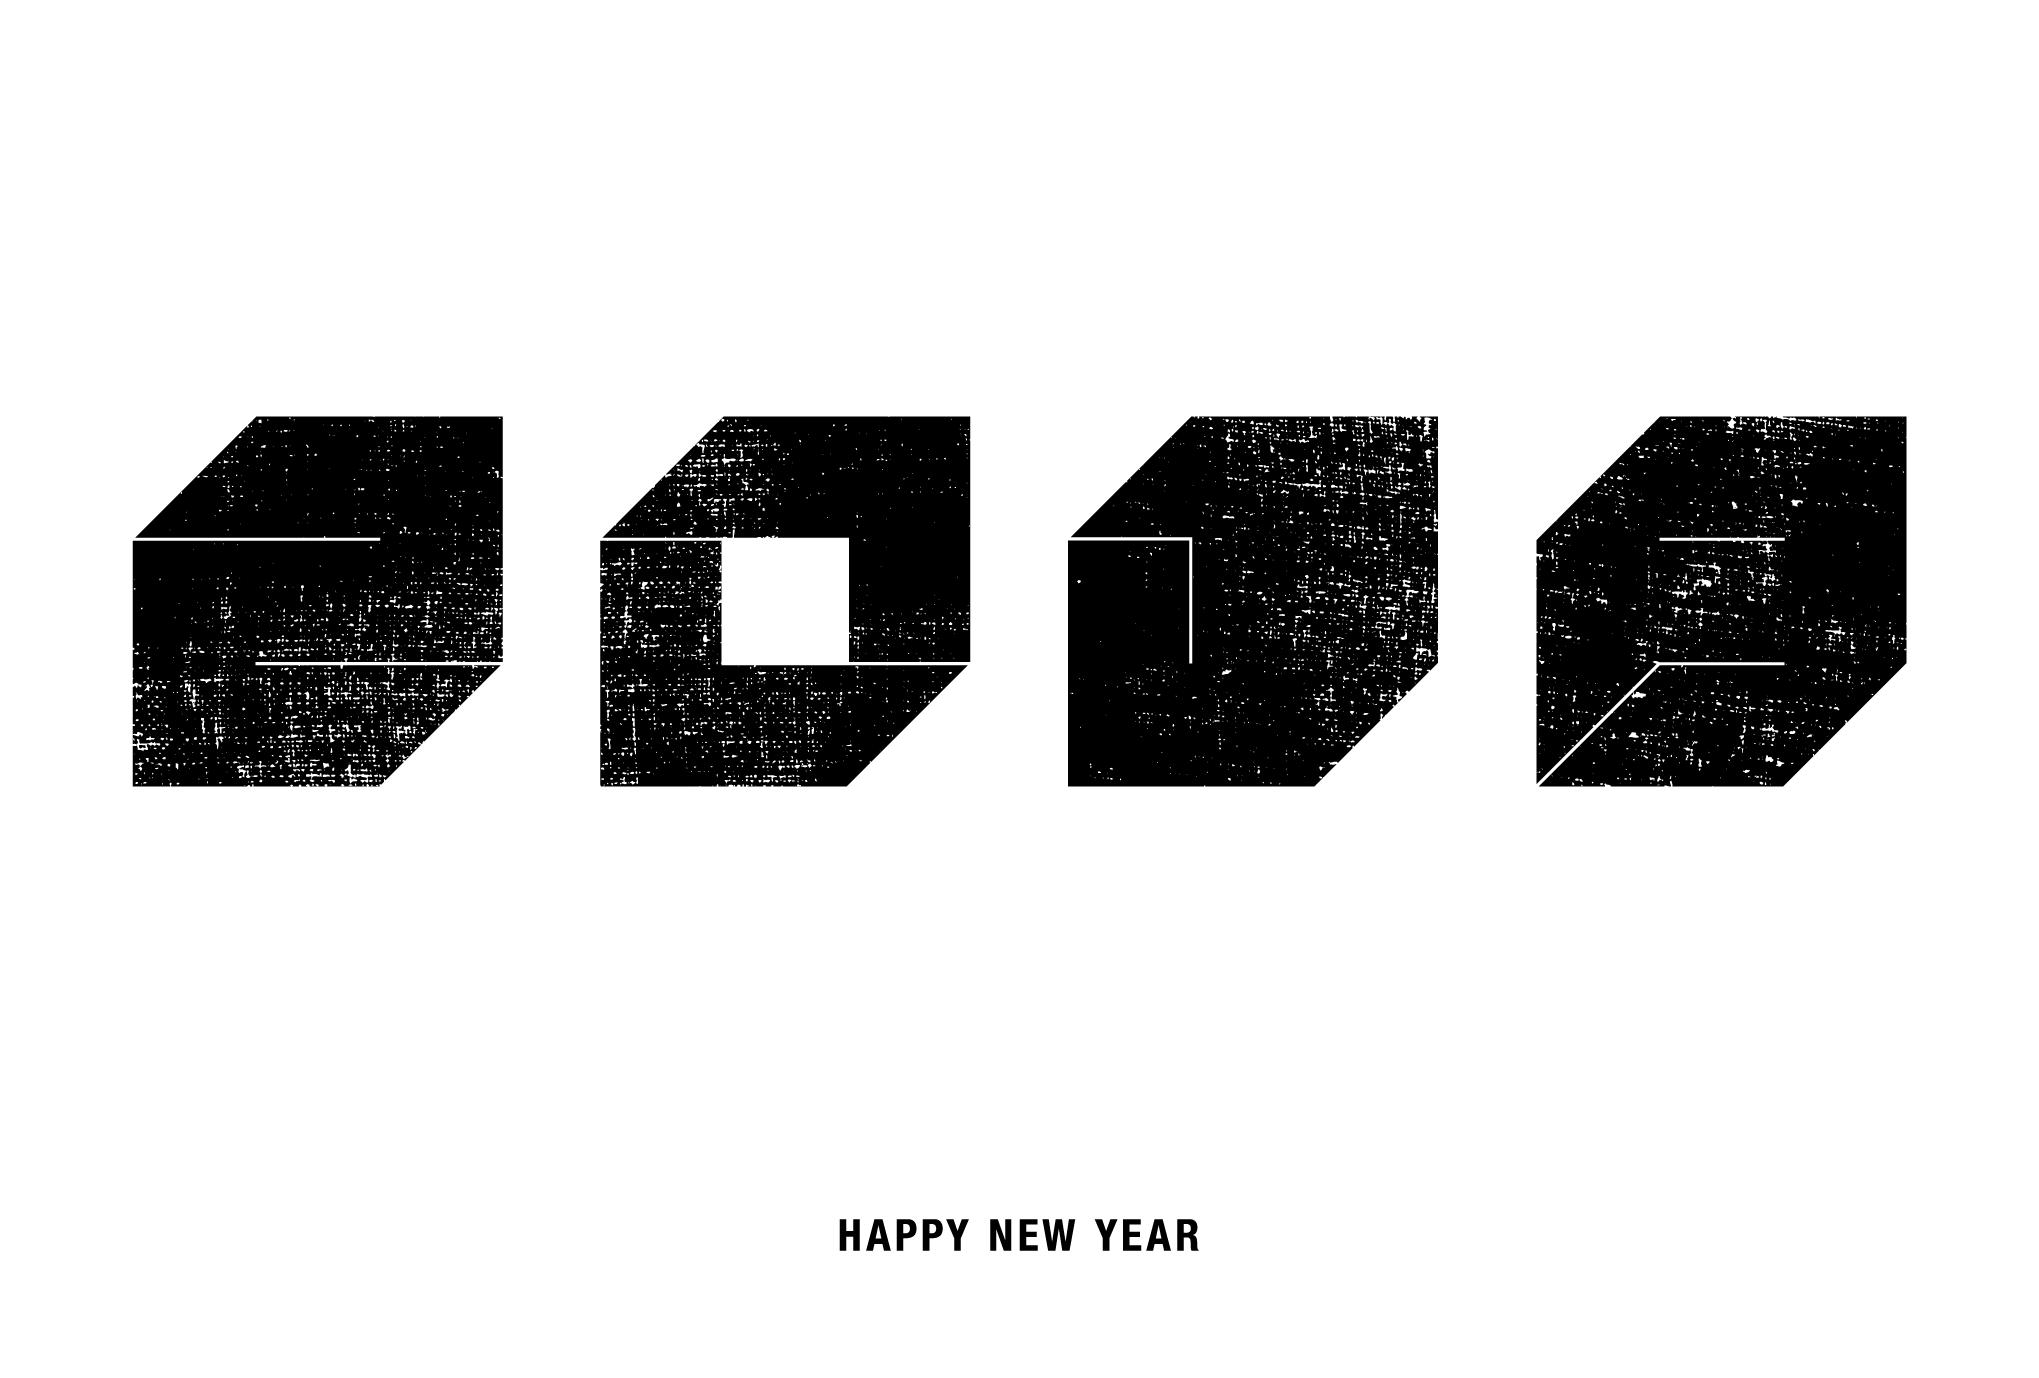 2019年賀状05-2:Square 2019 / 黒のダウンロード画像